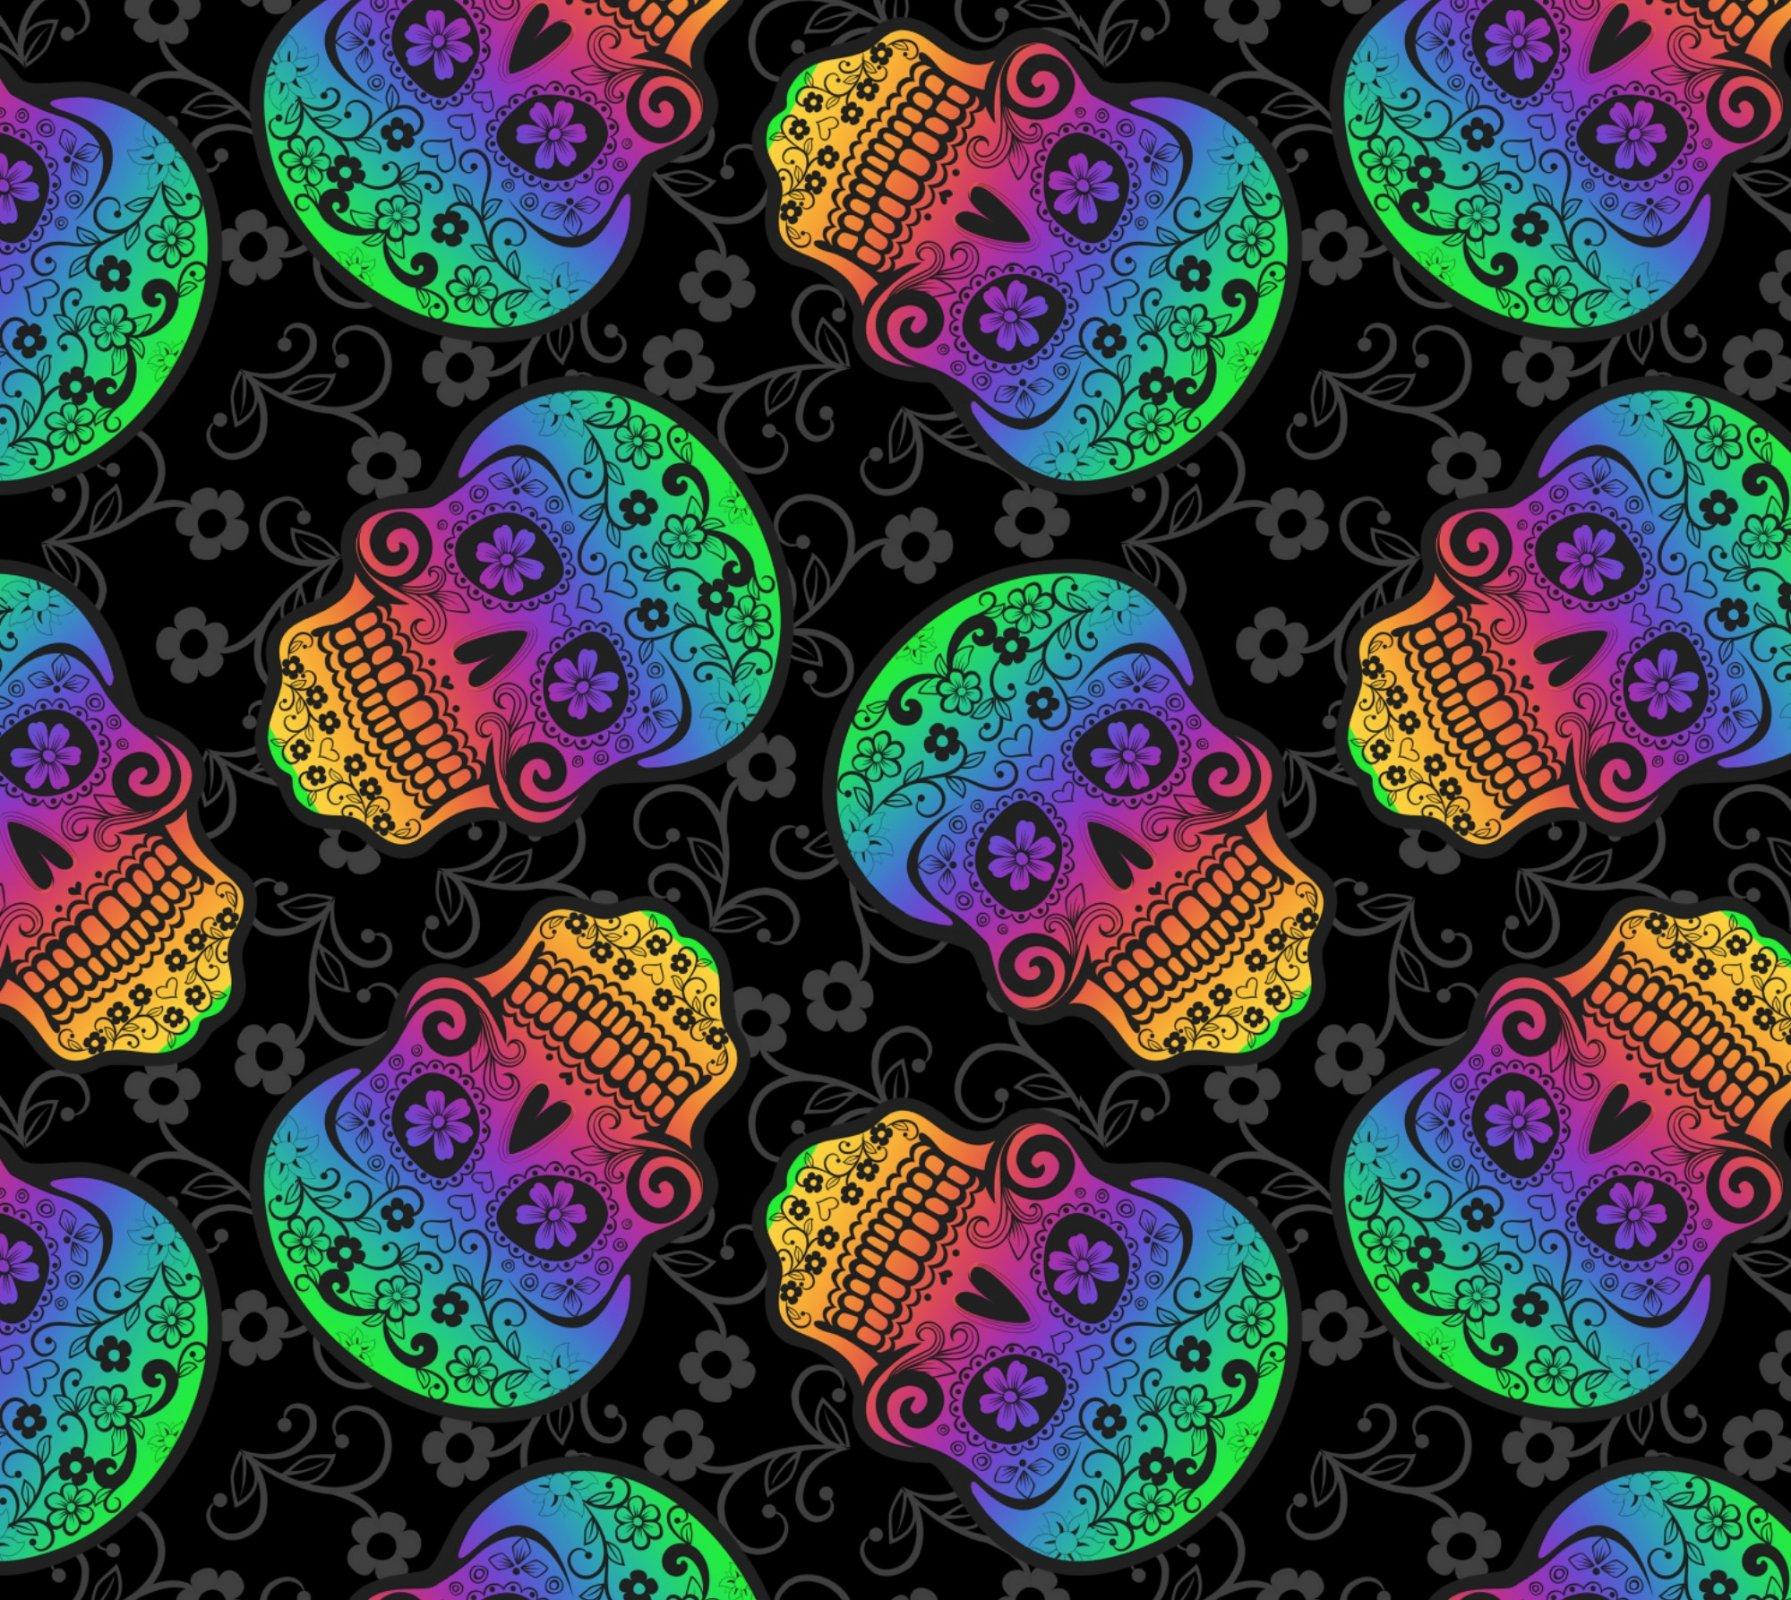 DT-New Novelty DX-2268-0C-2 Black - Rainbow Skulls